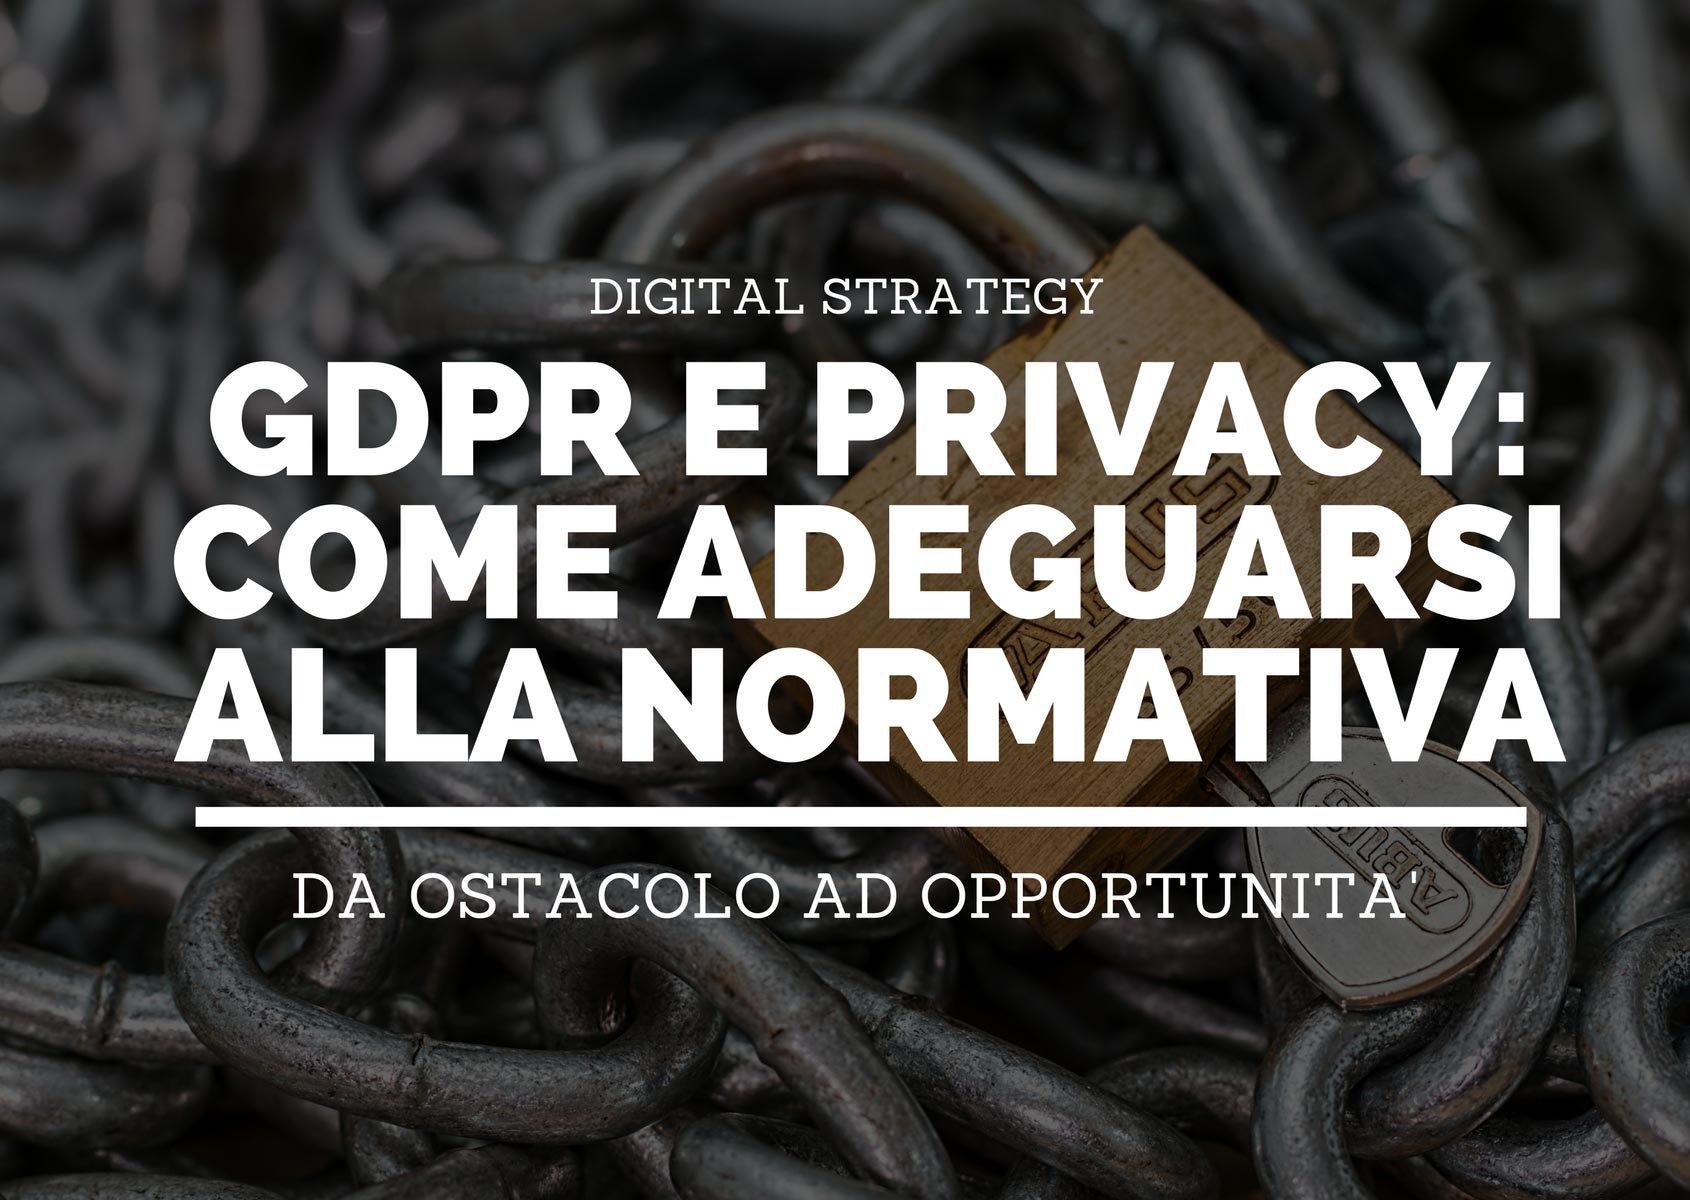 GDPR e privacy: come adeguarsi alla nuova normativa